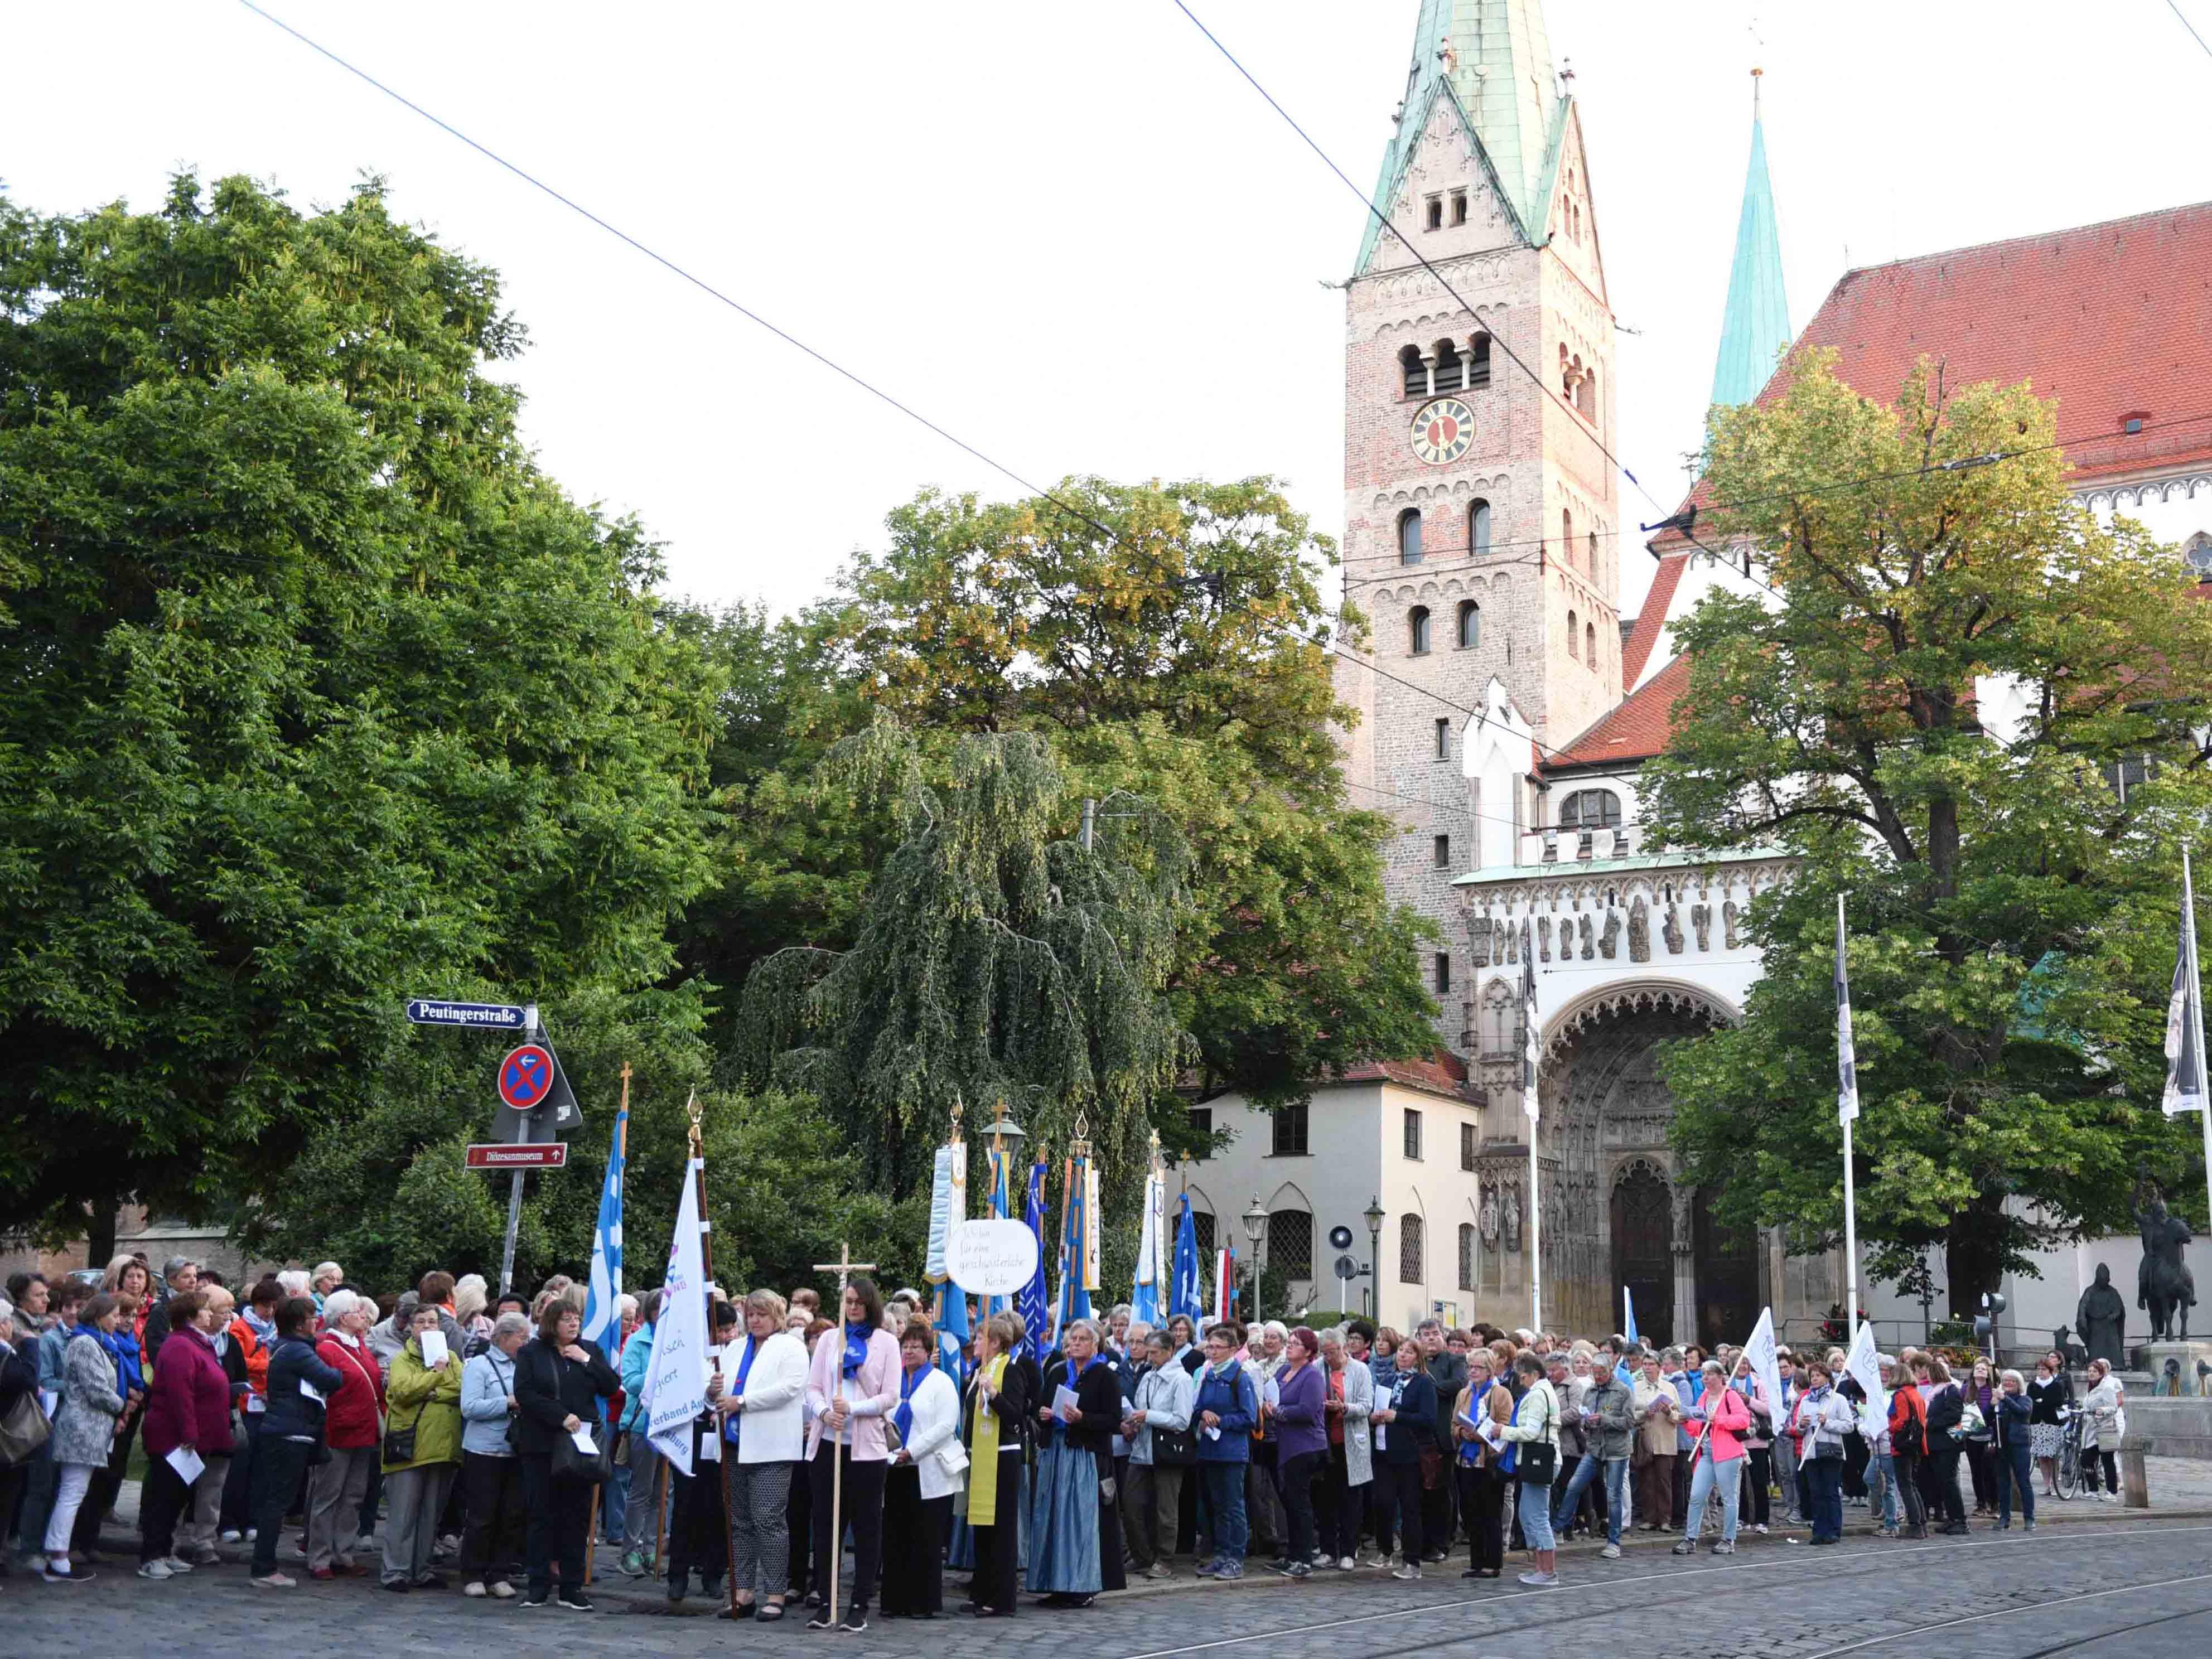 Rund 500 Frauen machten sich heute bei der Frauenwallfahrt singend und betend auf den Weg. (Foto: Maria Steber / pba)